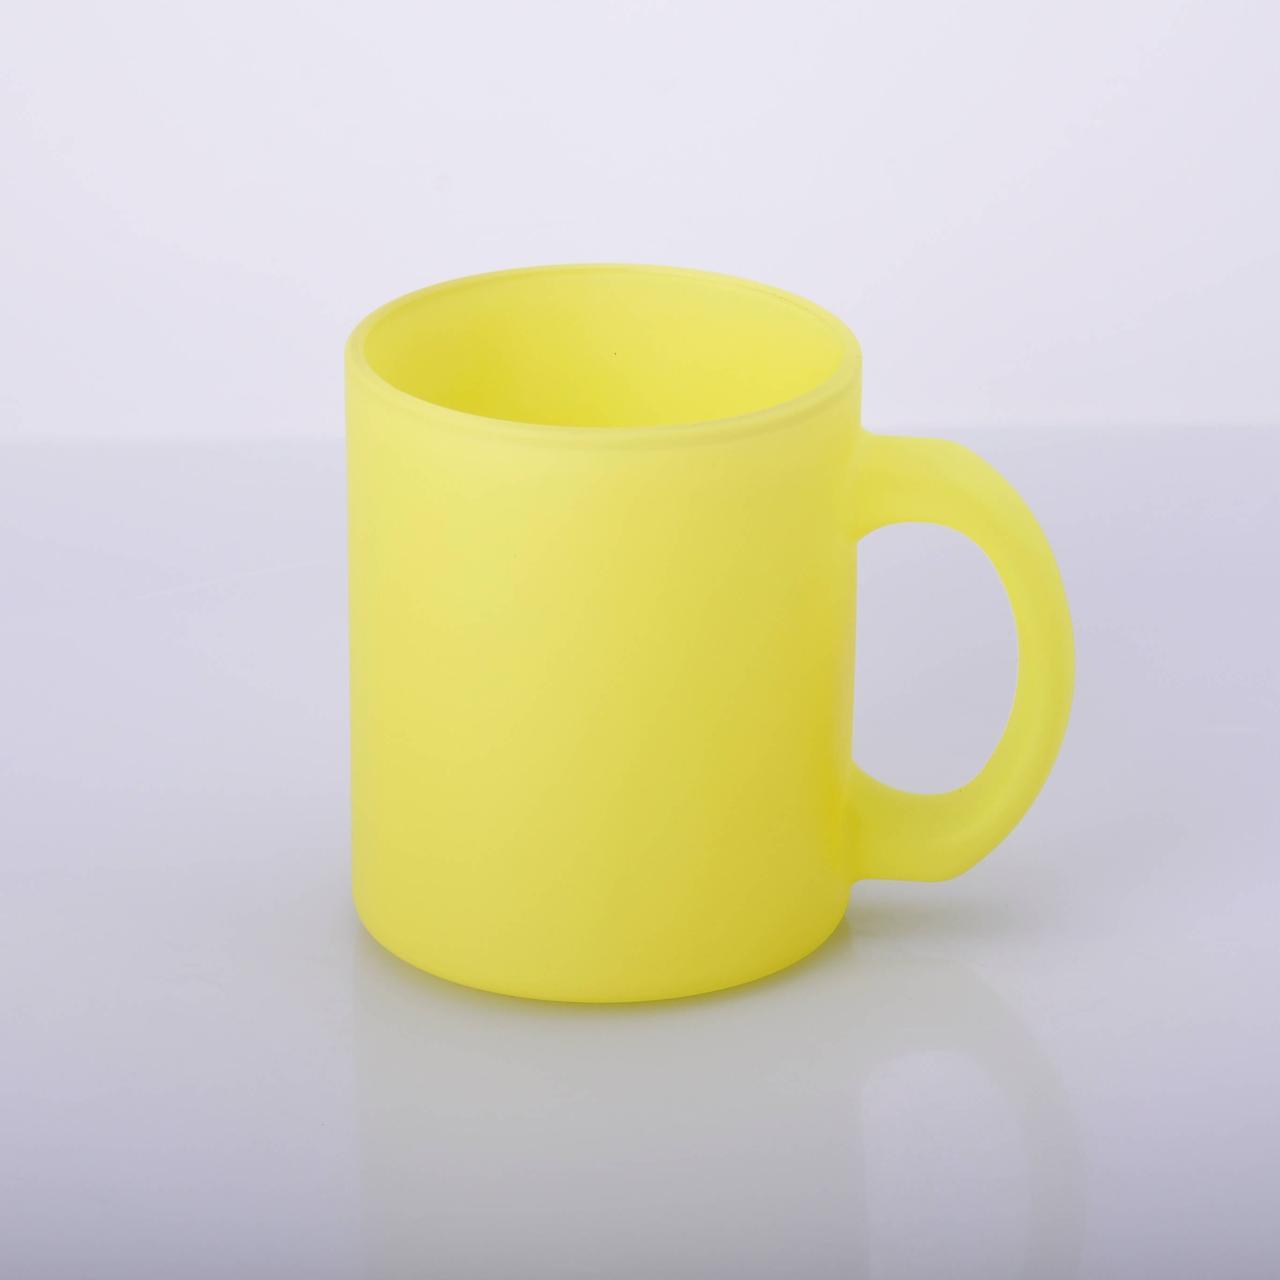 Чашка для сублимации стекло 330 мл флуоресцентная (жёлтый)